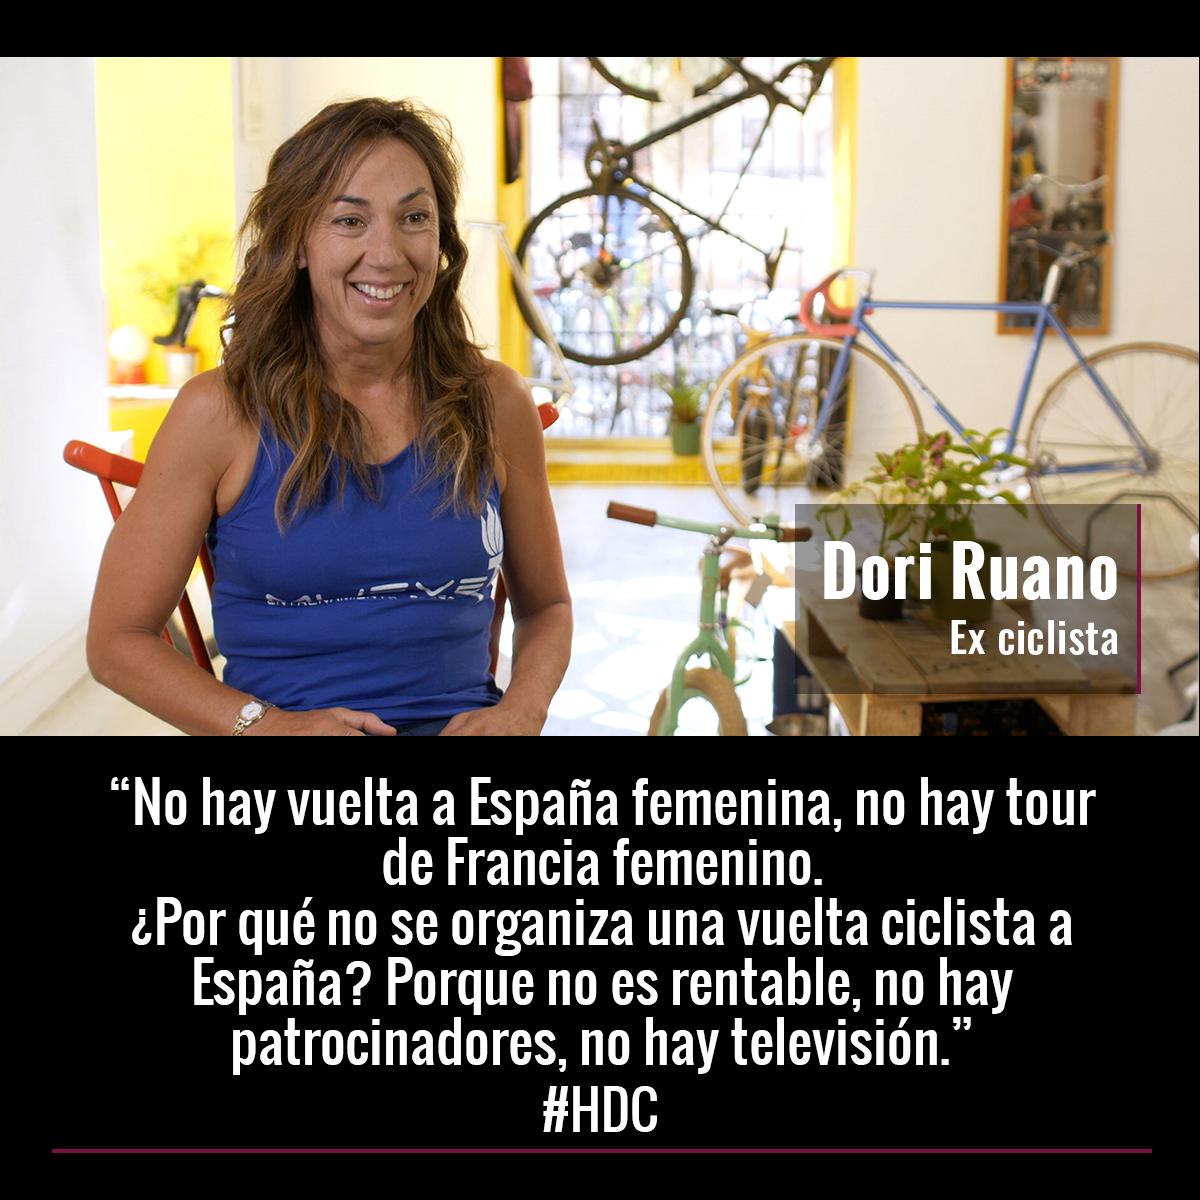 HDC_Promo_Frase_DoriRuano